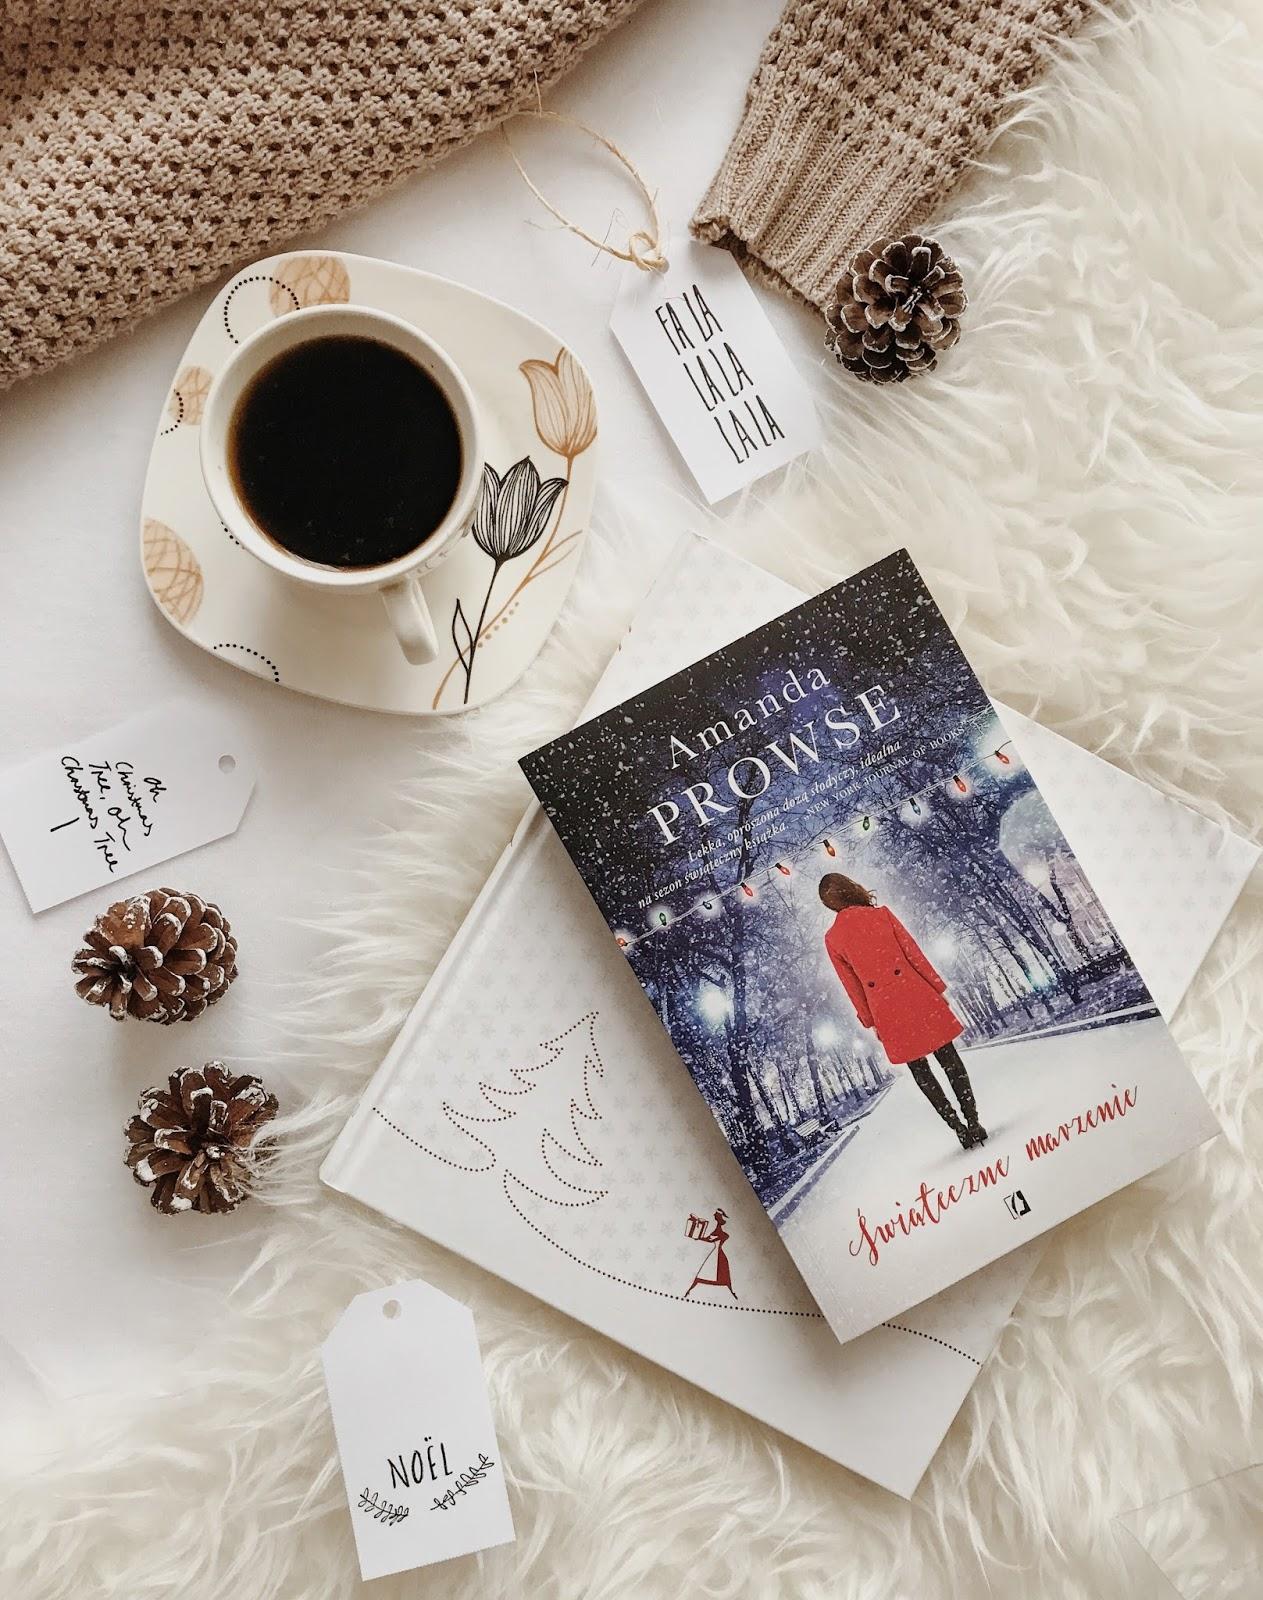 Amanda Prowse, Świąteczne marzenie